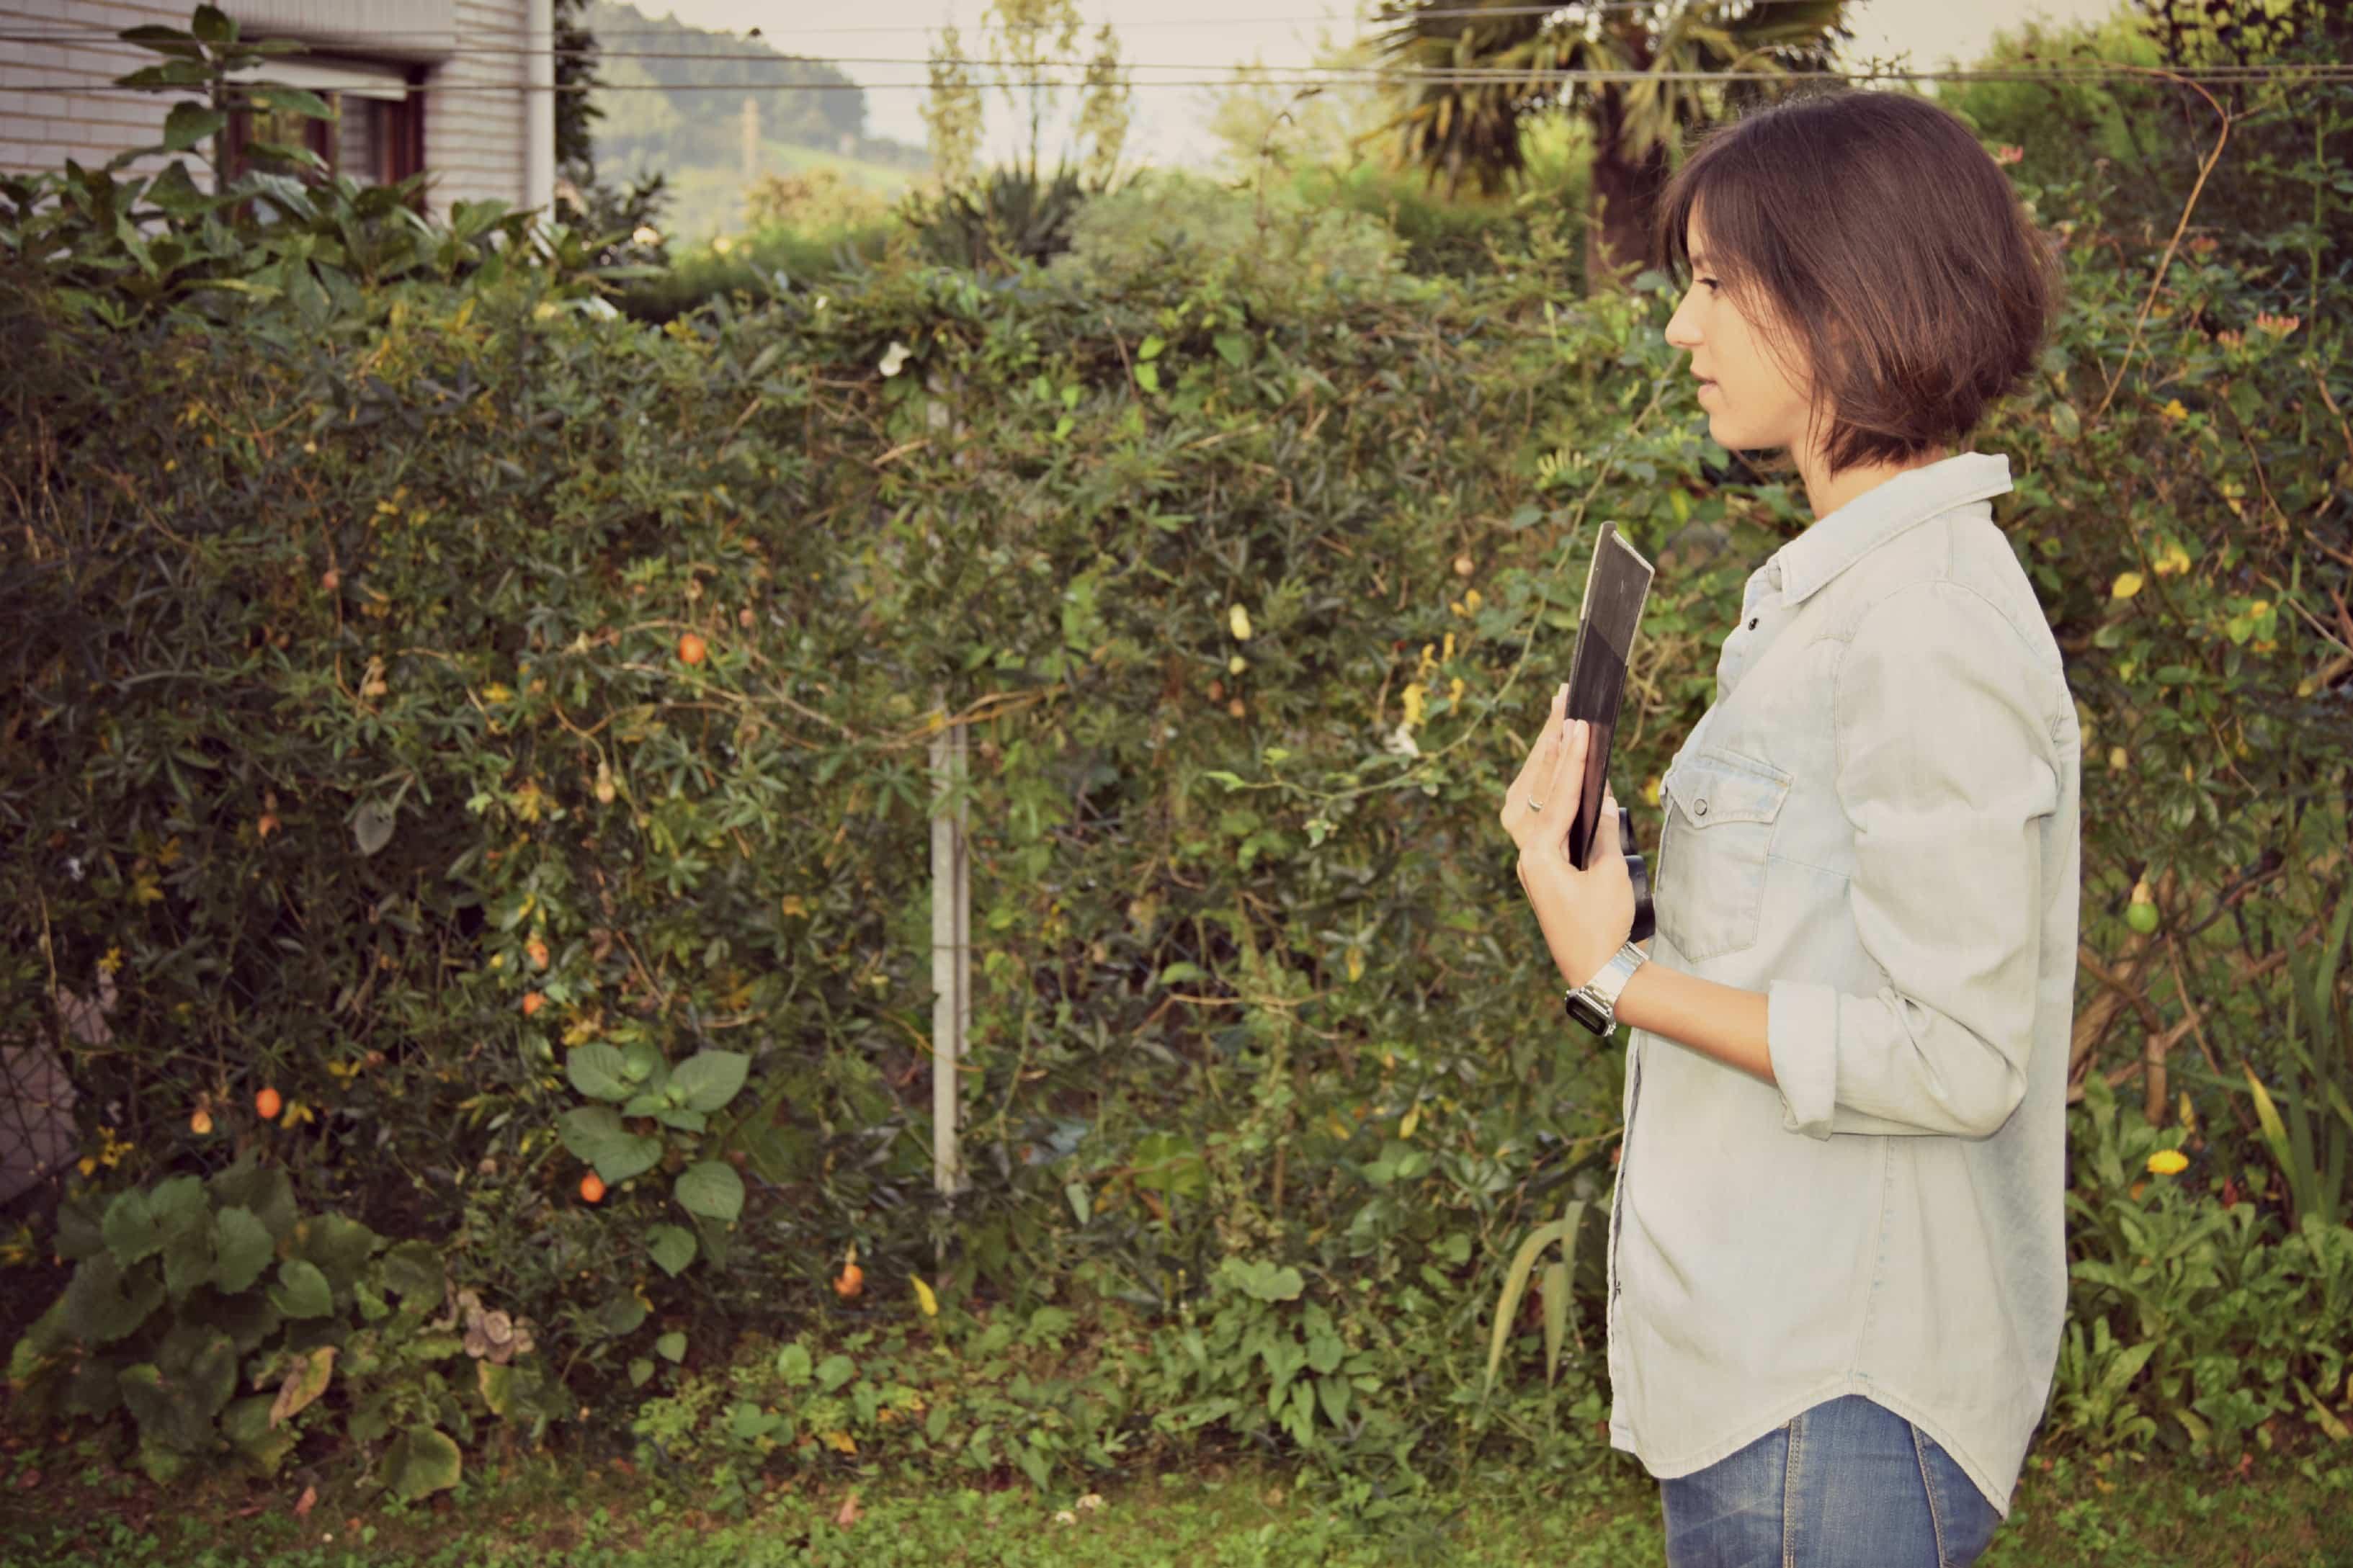 hacer pesas con azada de Bellota 1 - herramientas de jardineria